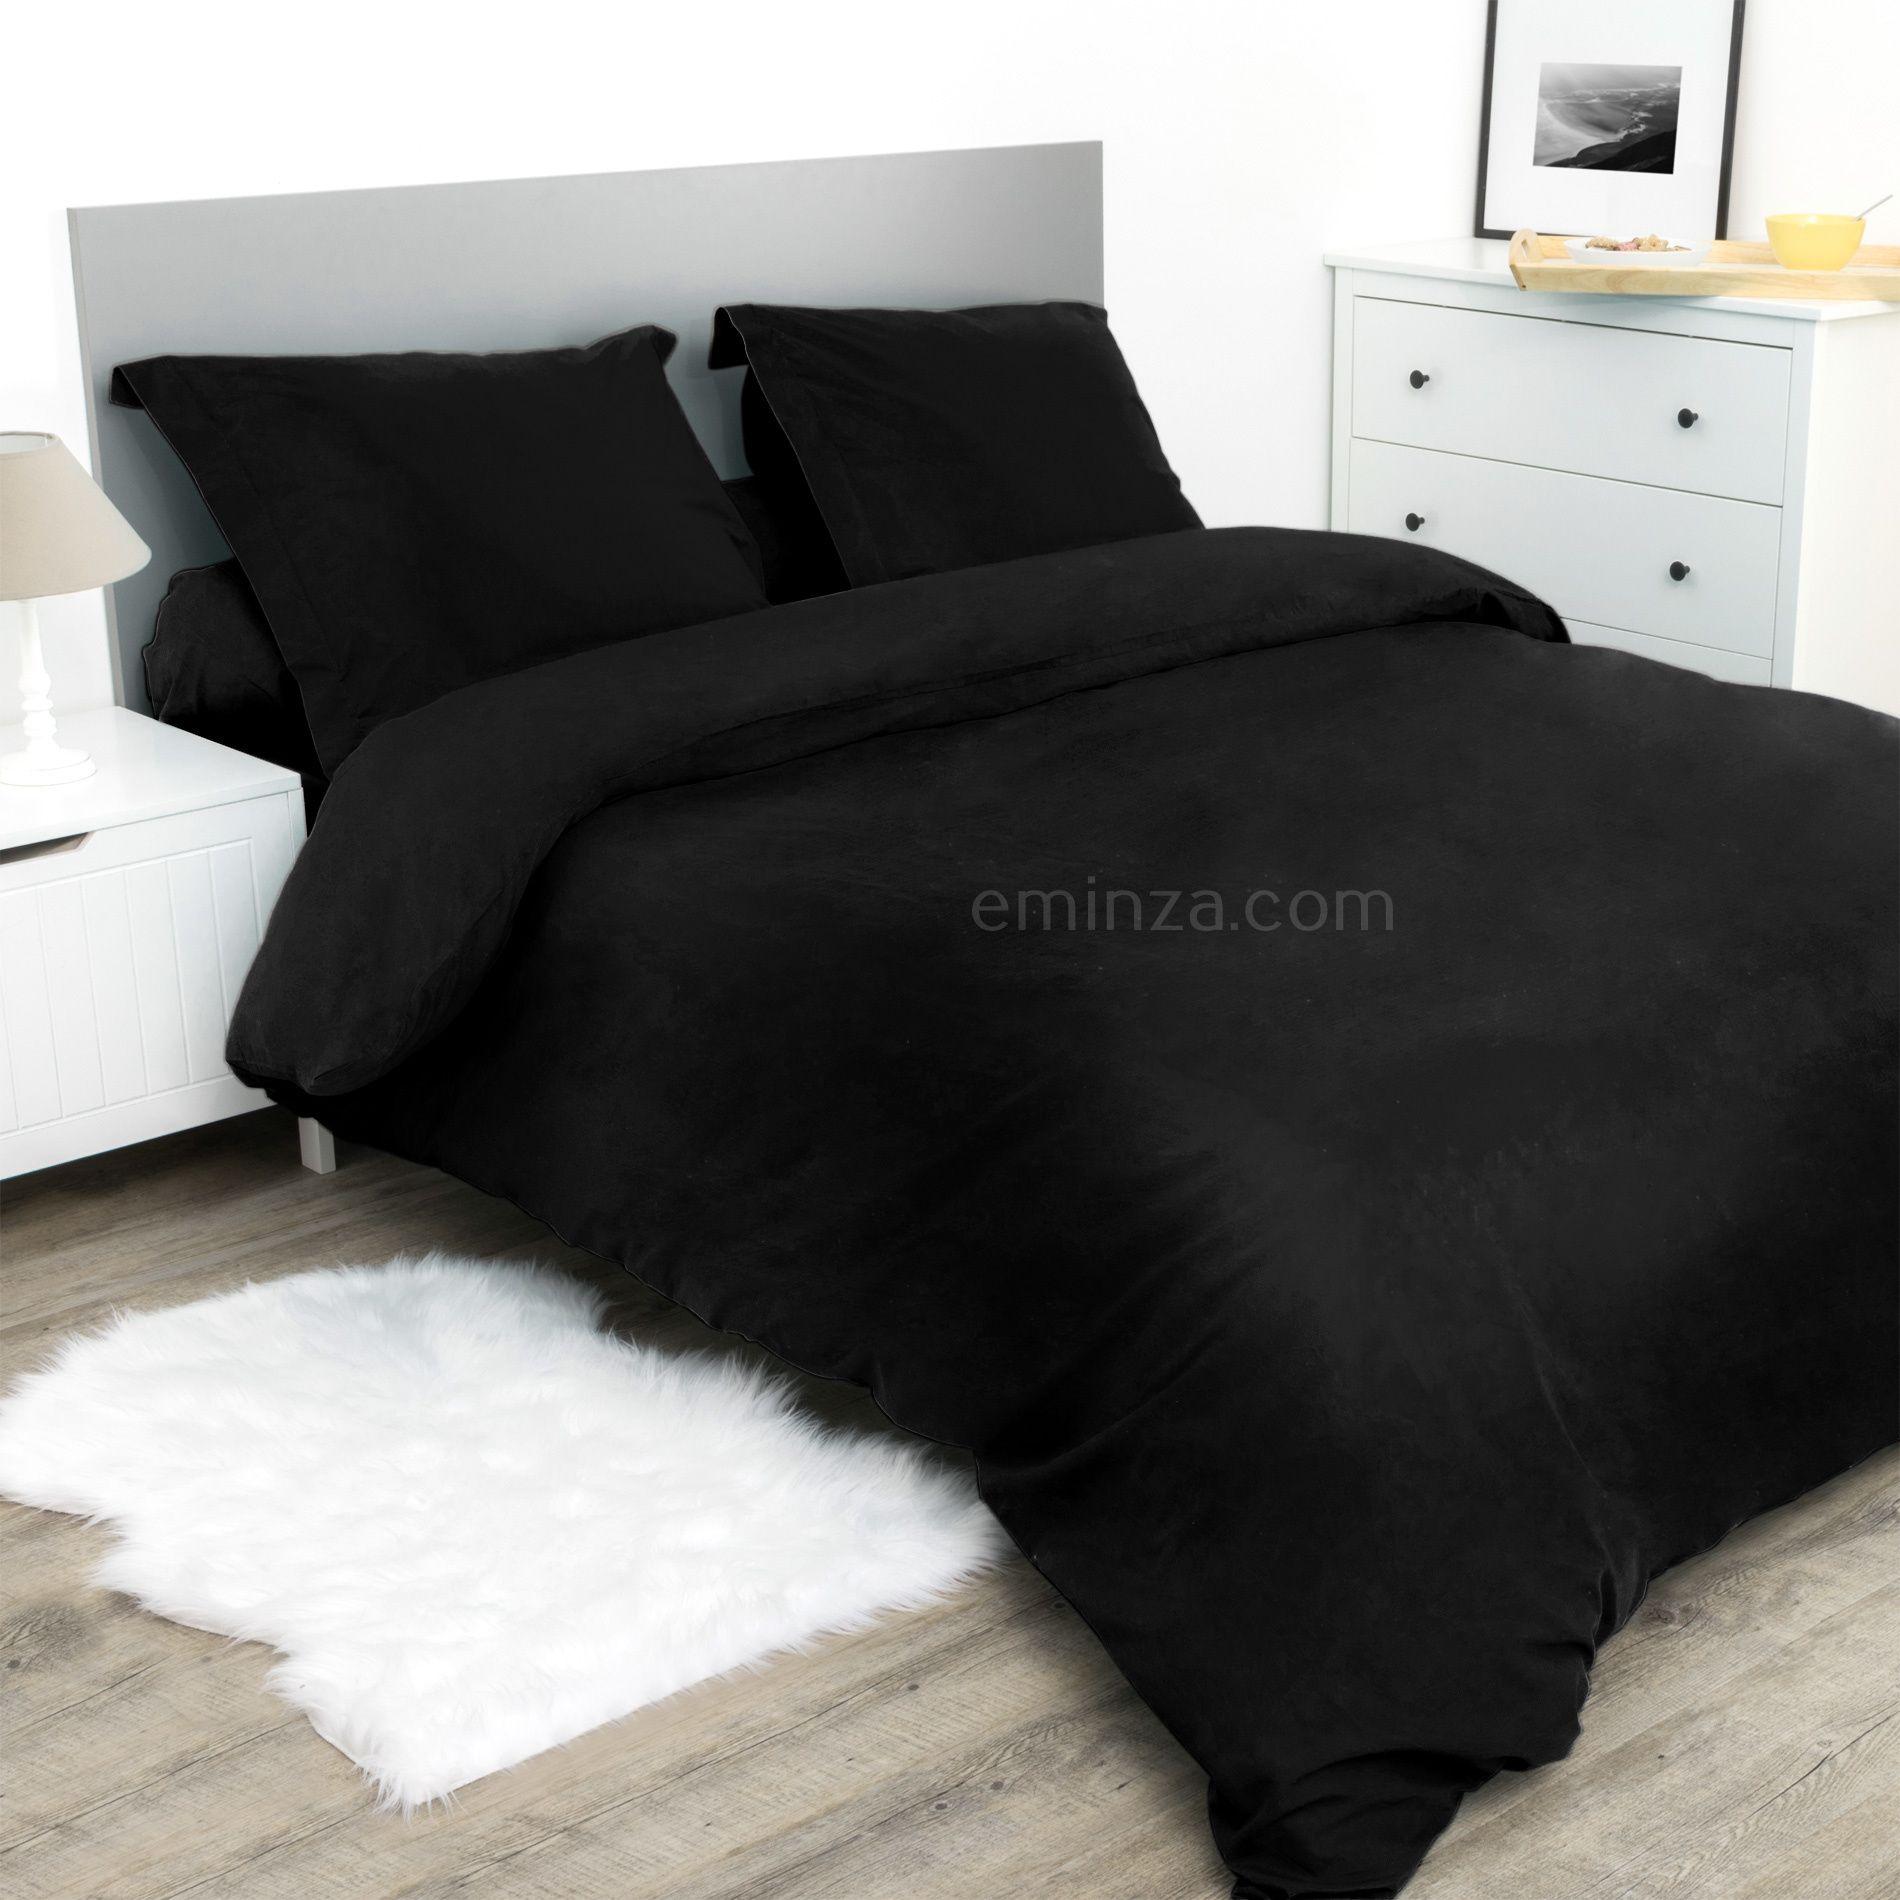 housse de couette 260 cm confort noir housse de couette eminza. Black Bedroom Furniture Sets. Home Design Ideas